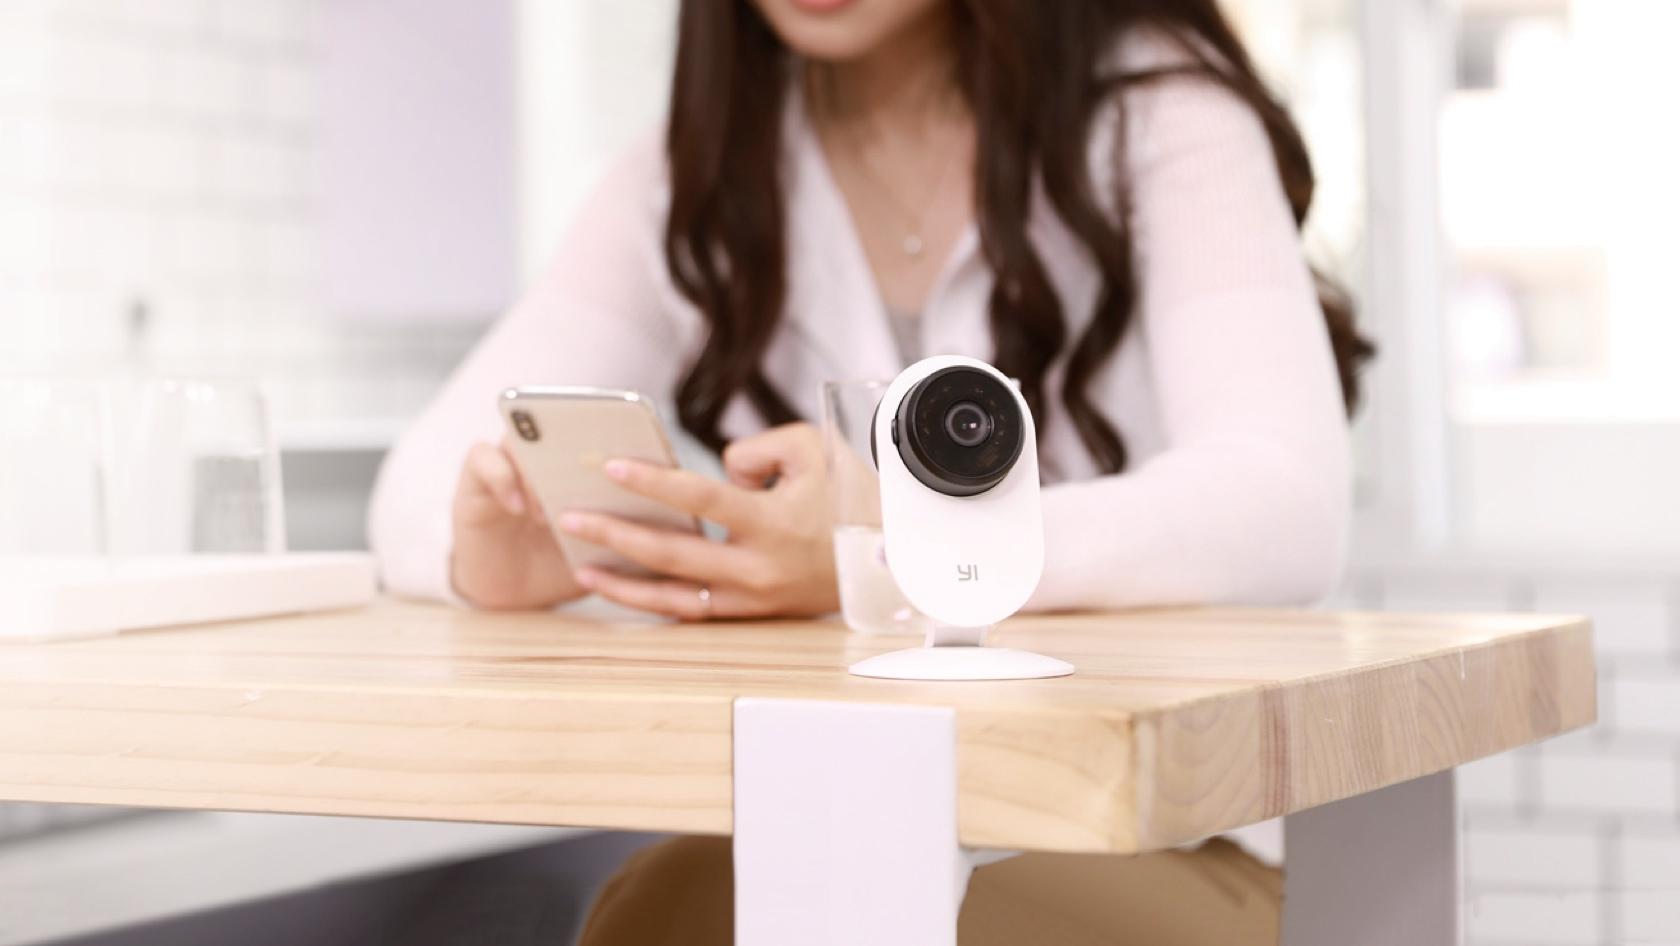 YI Home Camera 3 | YI Technology